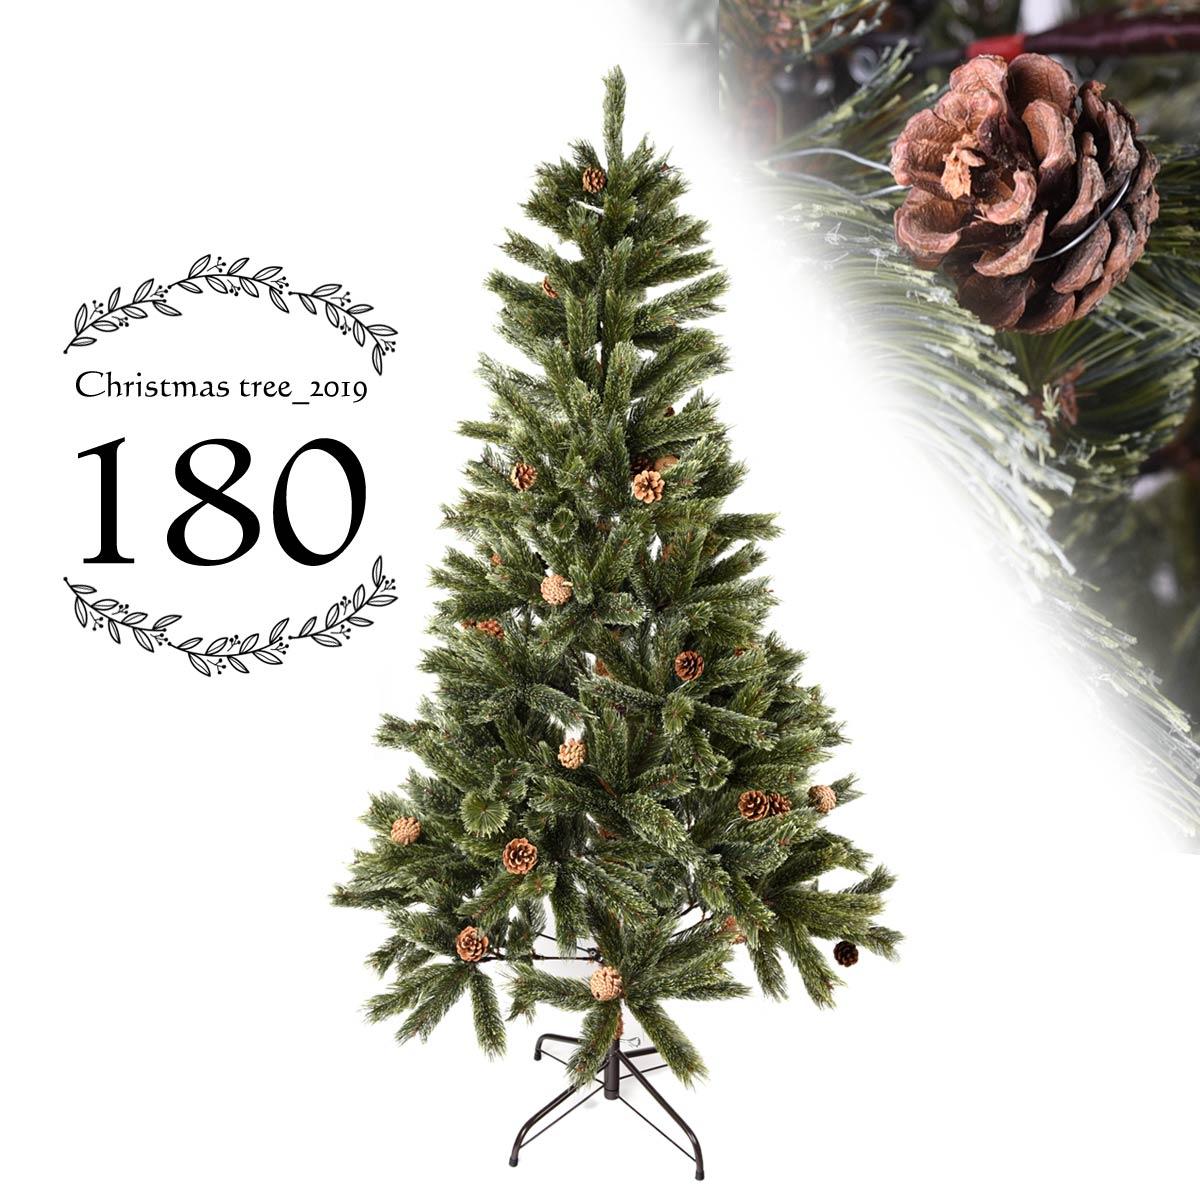 【早期割引1000円クーポン発行中!!】クリスマスツリー ドイツトウヒ ヌードツリー 180cm クリスマス ツリー スリム 北欧 もみの木 おしゃれ ヒンジ式 緑 deal cm19b